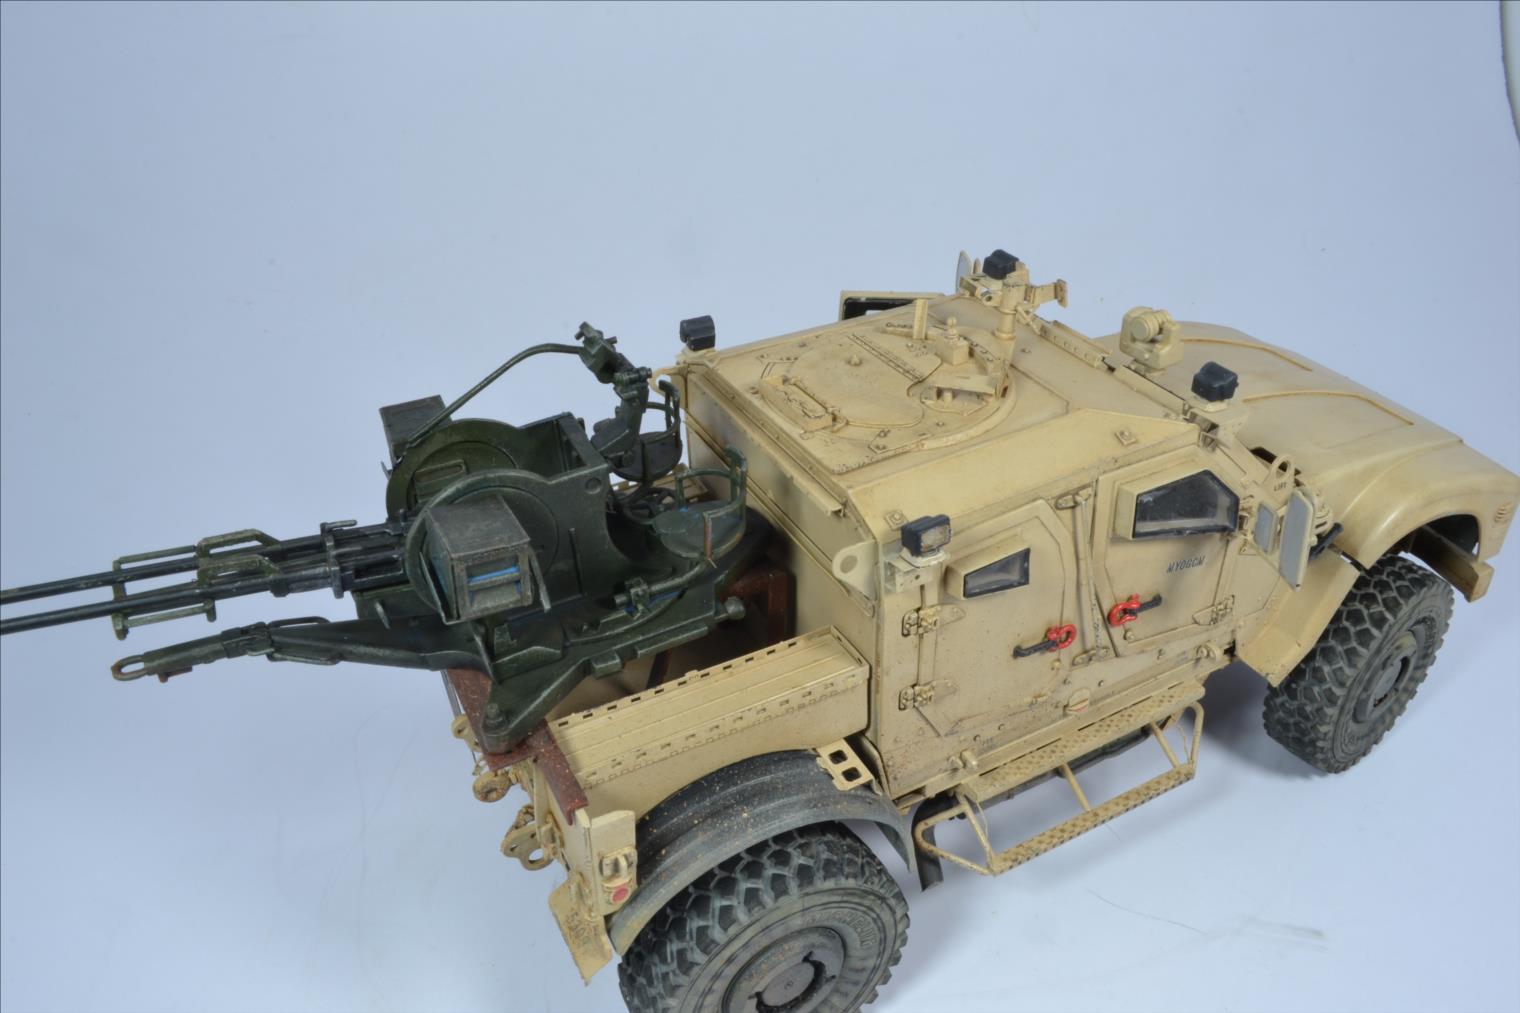 M 1240 A1 M-ATV 1/35 (RFM) - Page 3 20122208503722494217183718